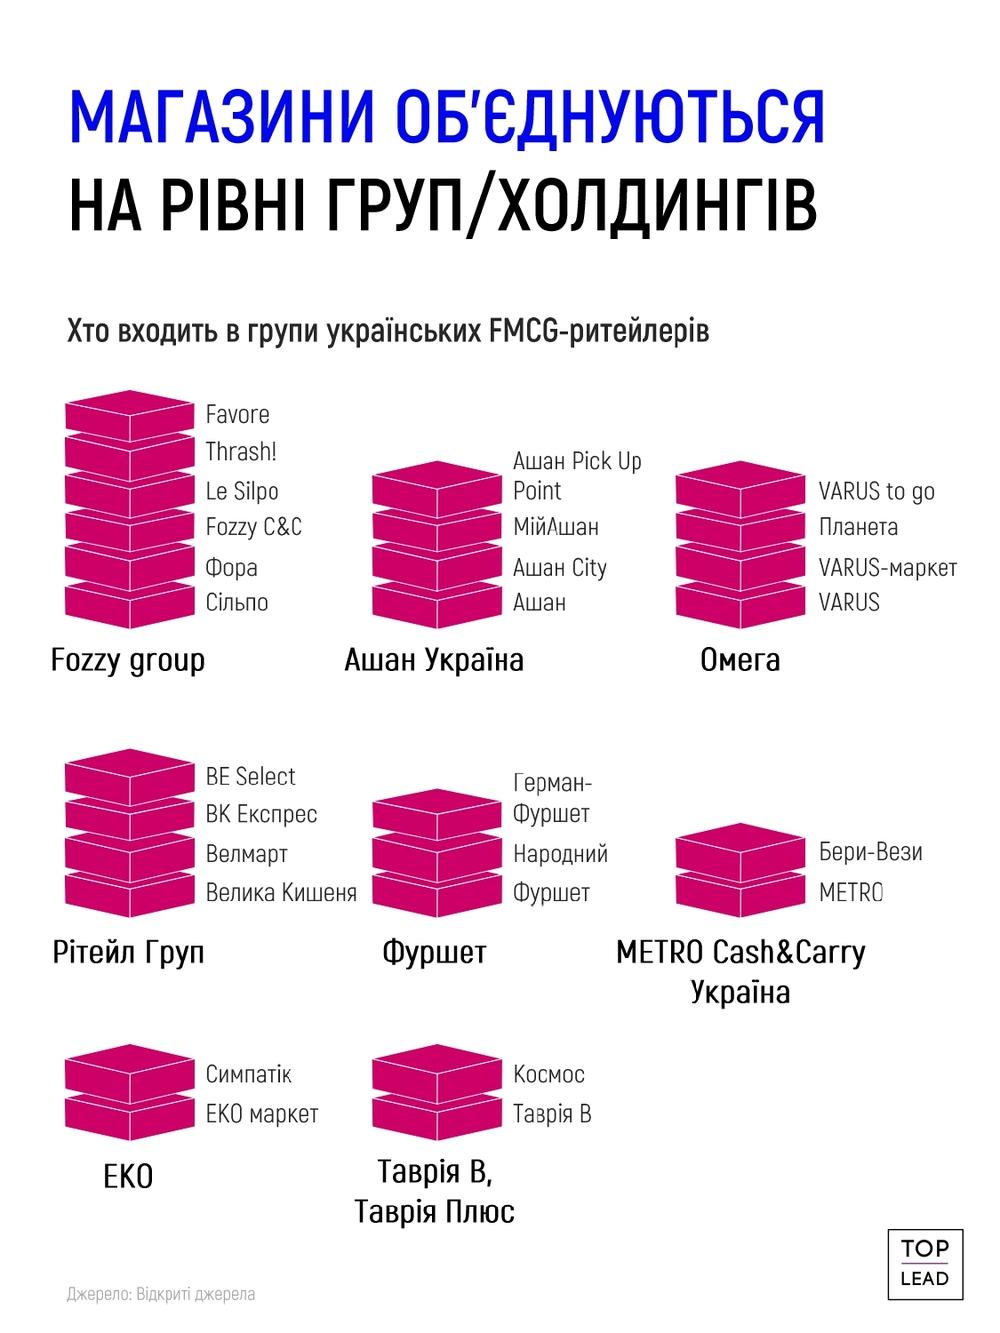 группы супермаркетов в Украине